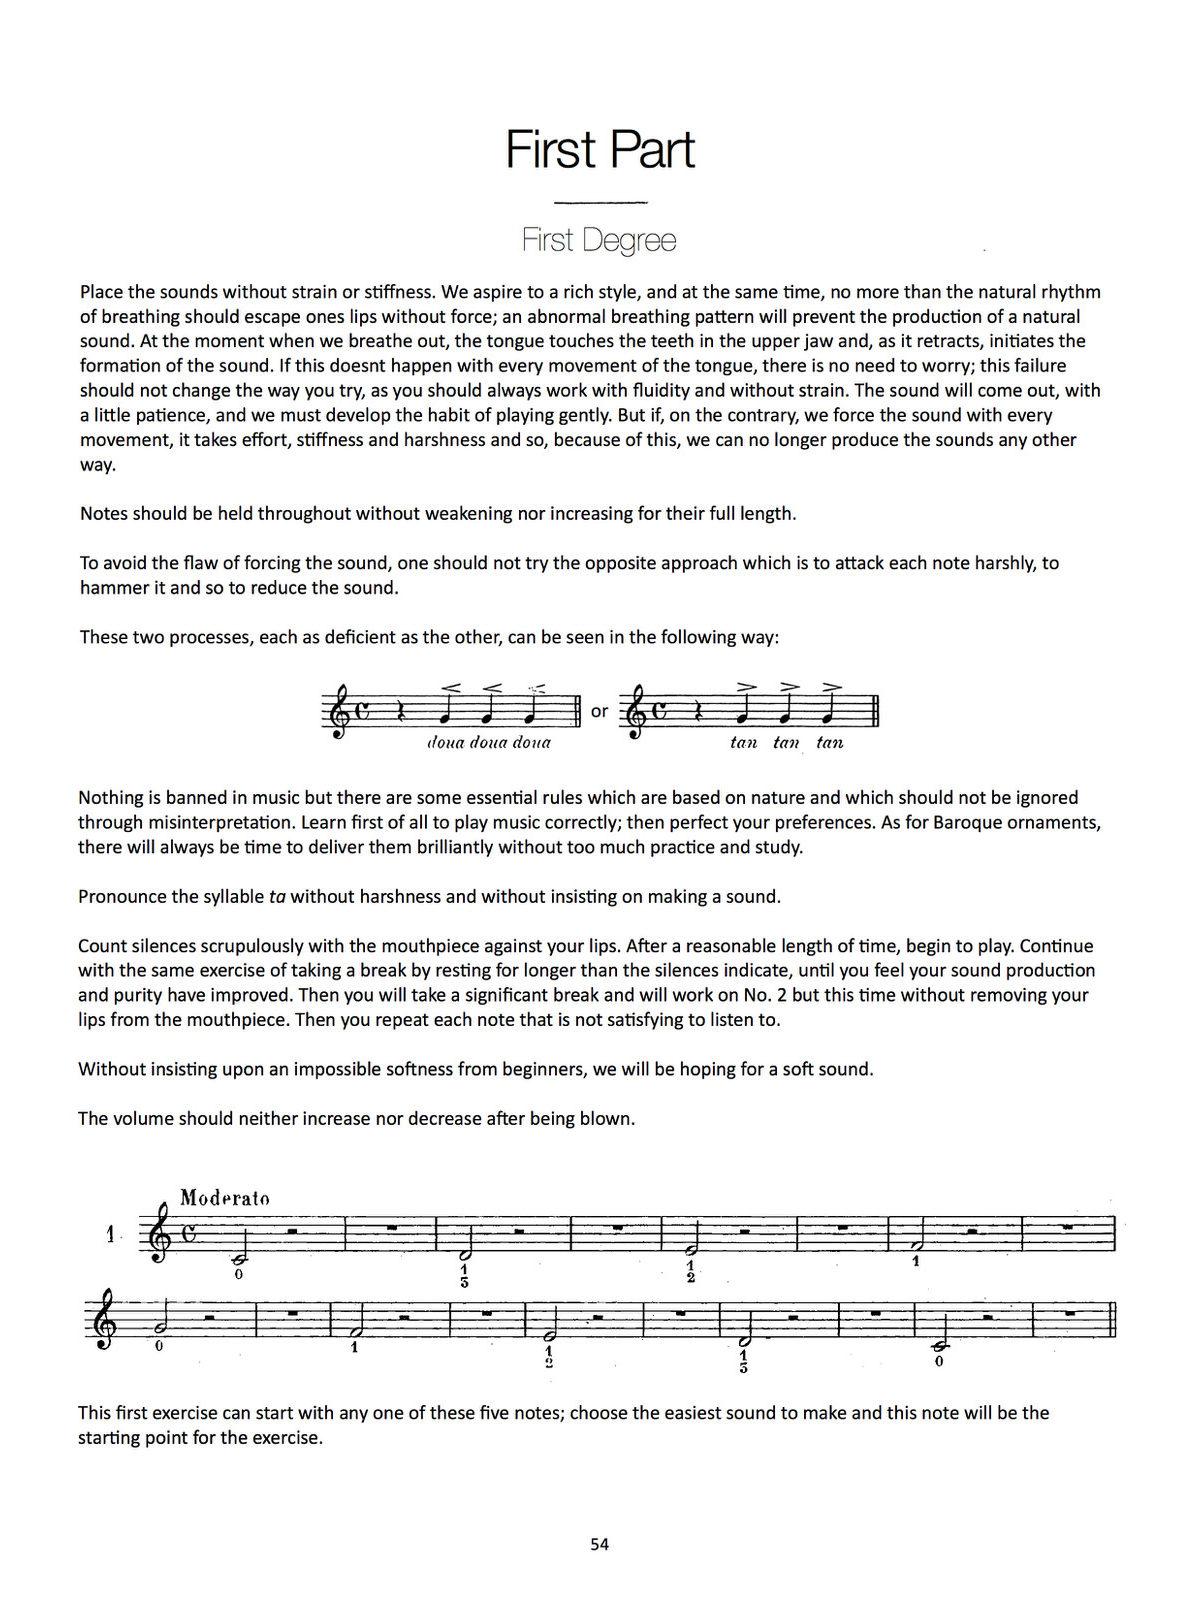 Franquin, Complete Method for Modern Trumpet 5